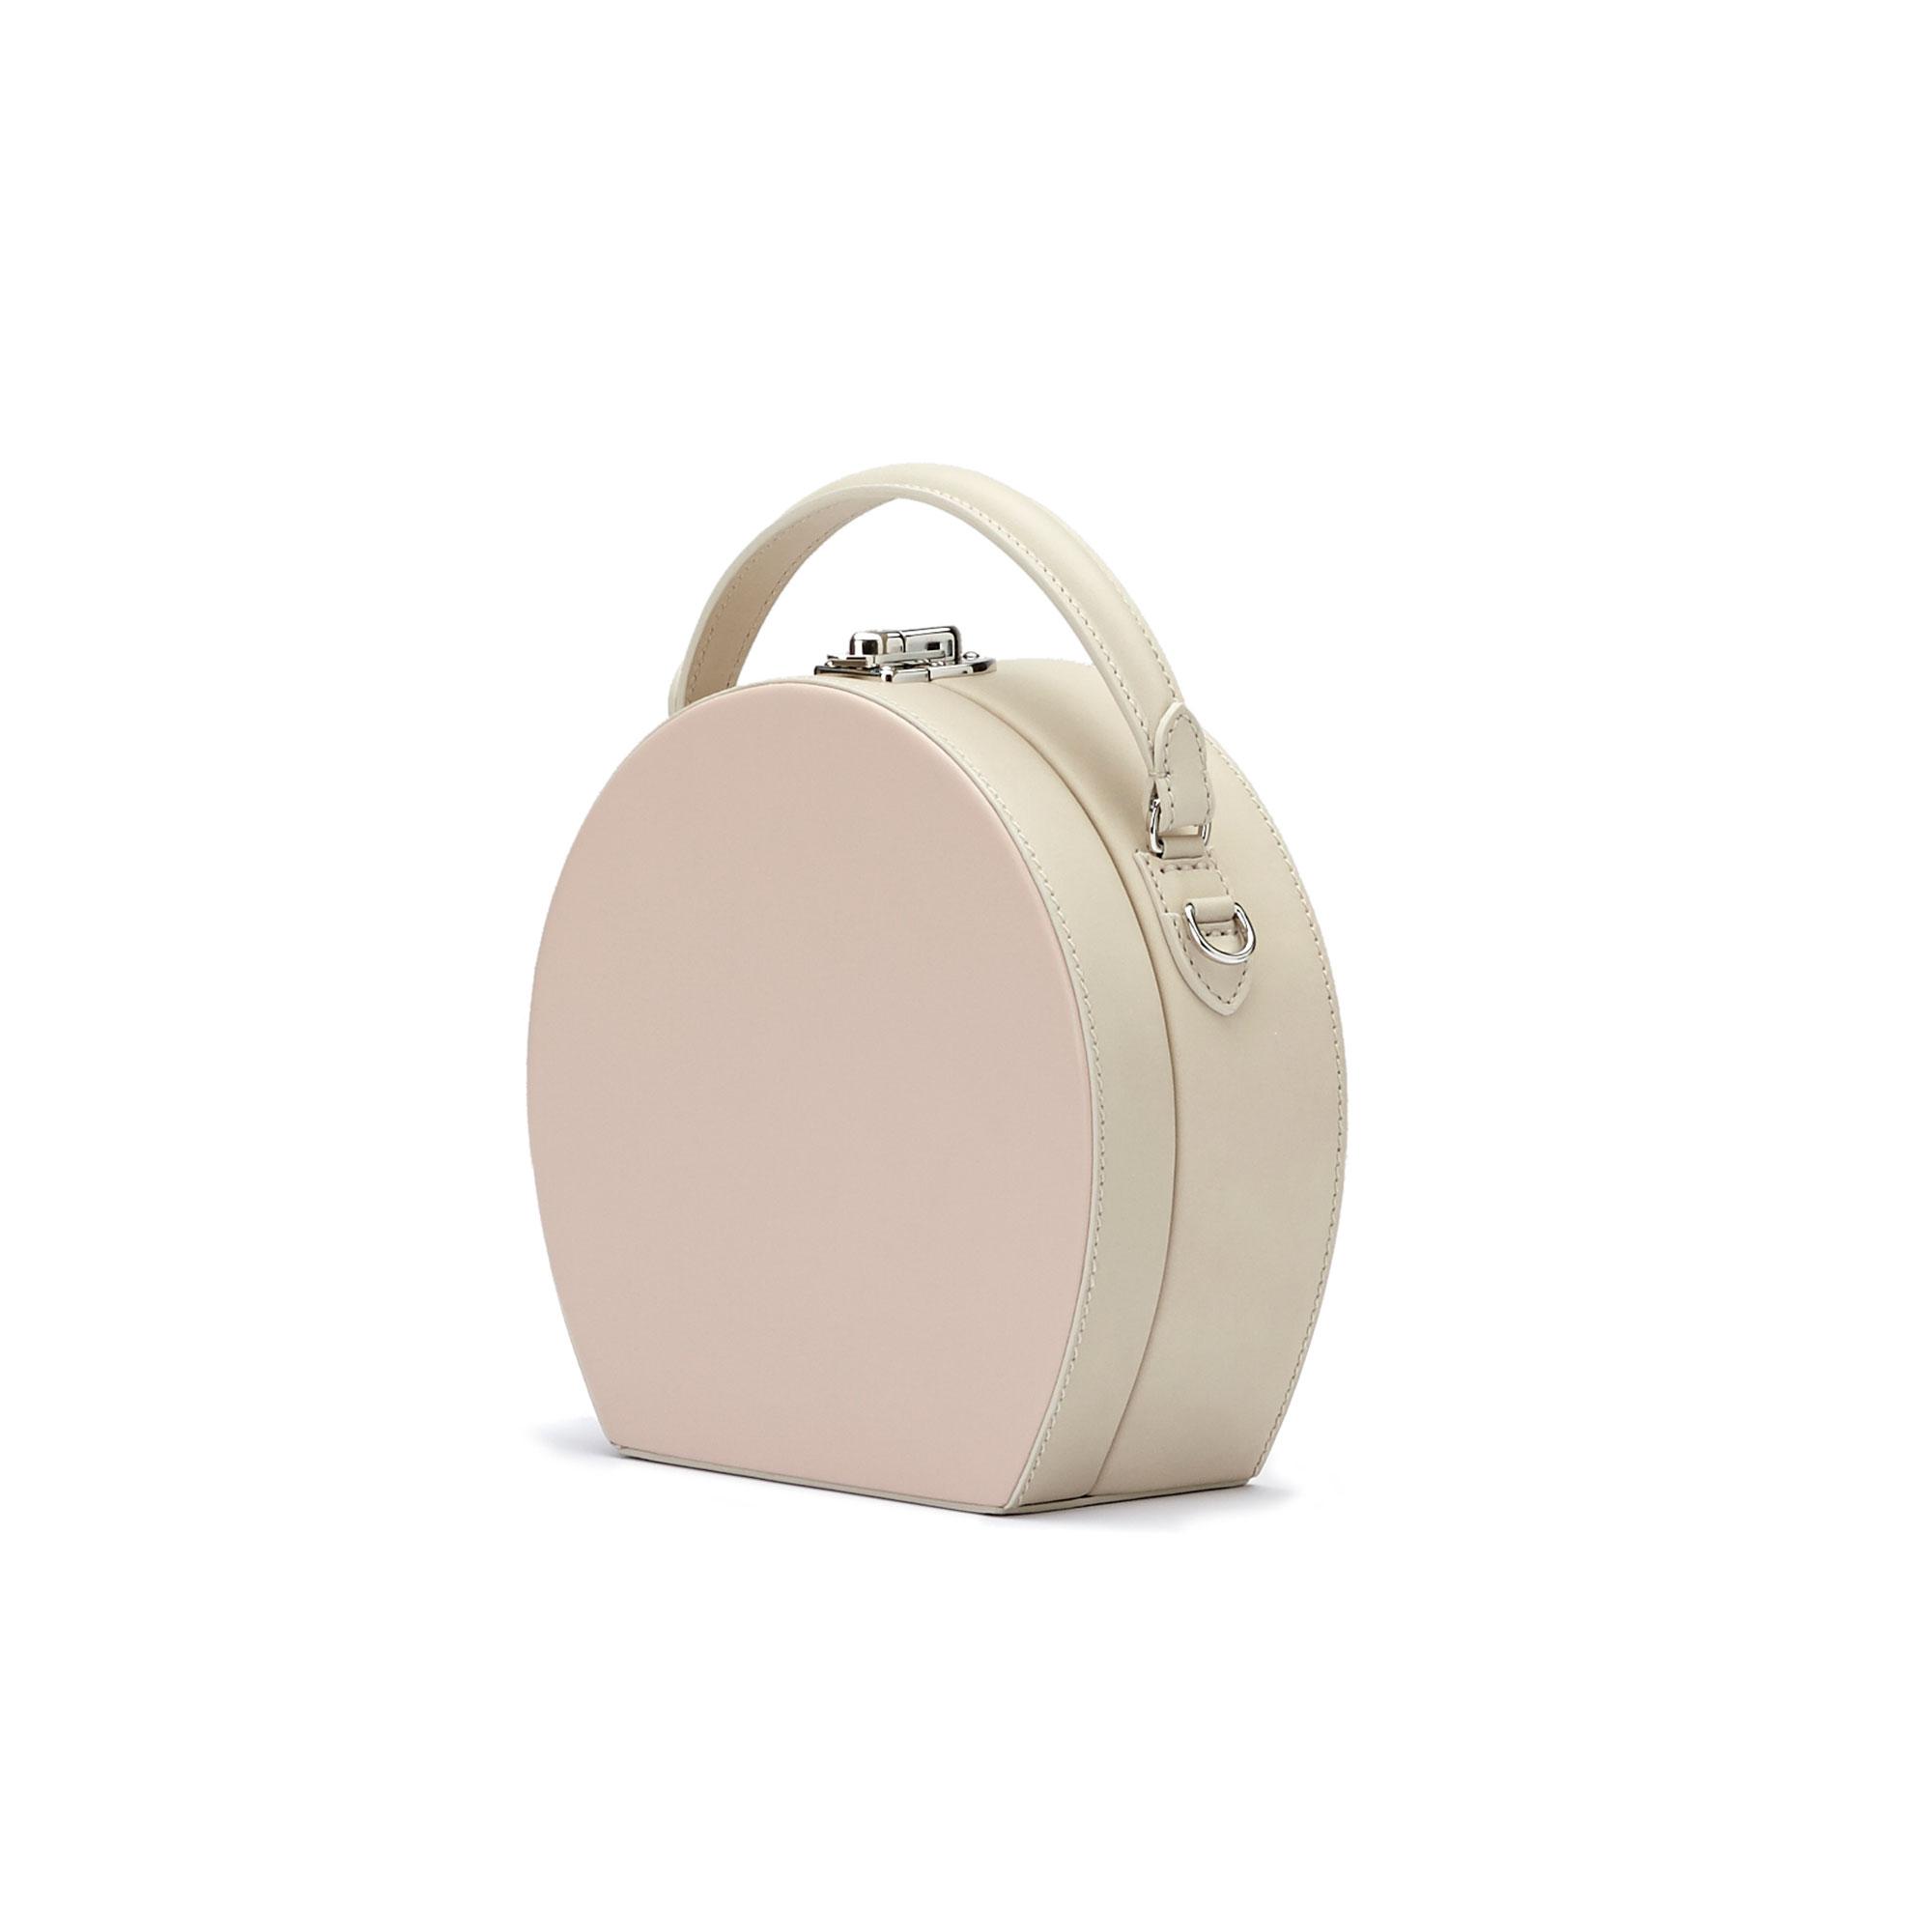 The pink french calf Regular Bertoncina bag by Bertoni 1949 02